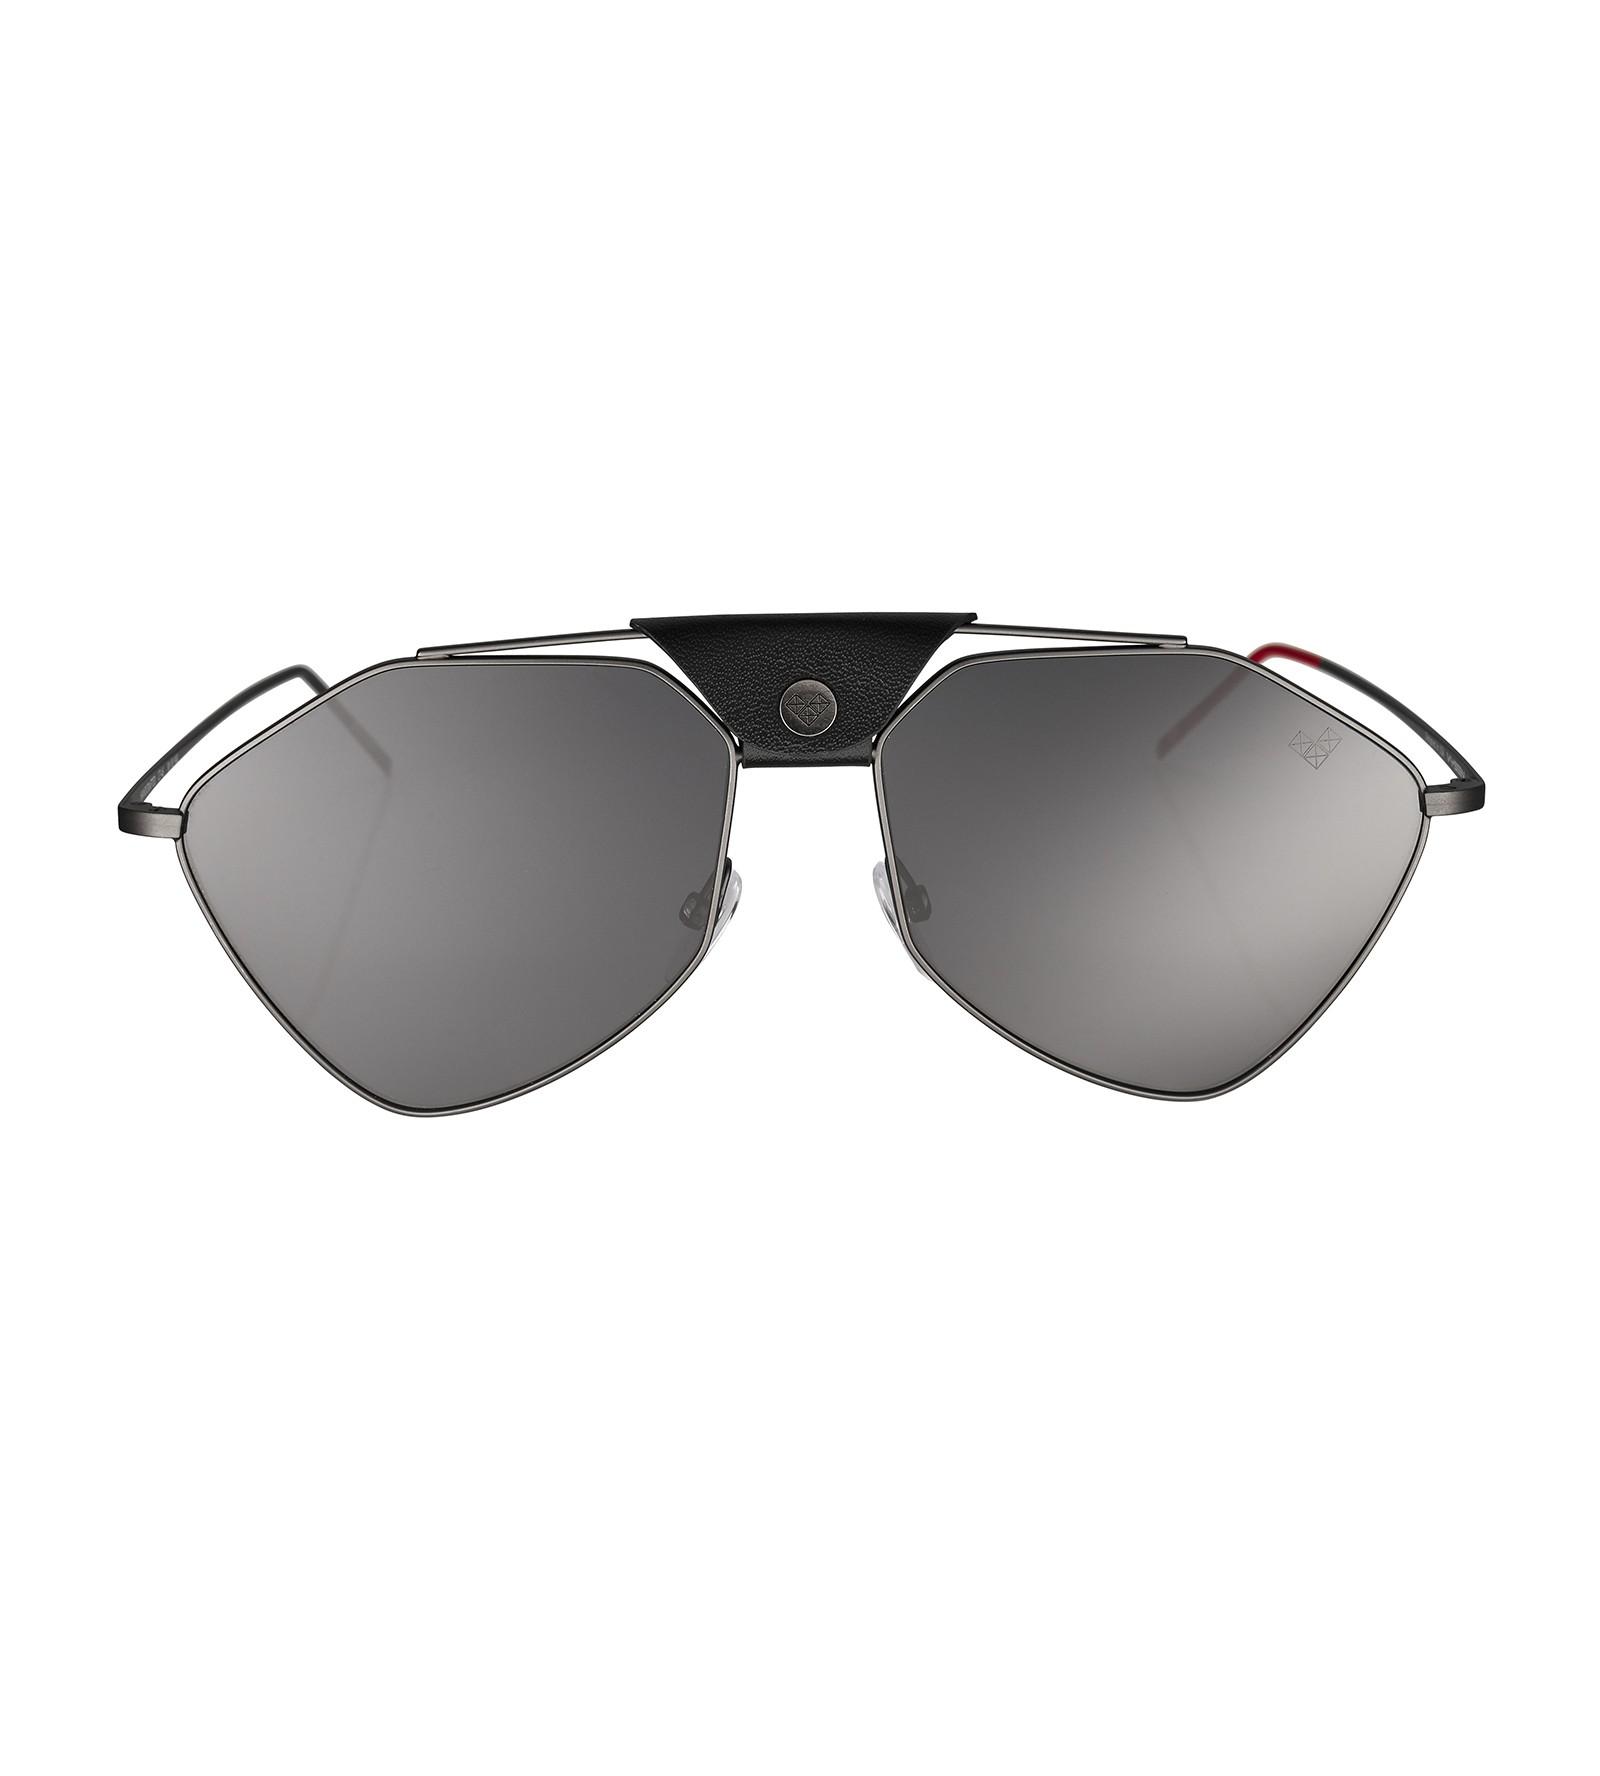 6b4ed9570 Vysen Letec 4BL Lentes Negras - Oculos de Sol